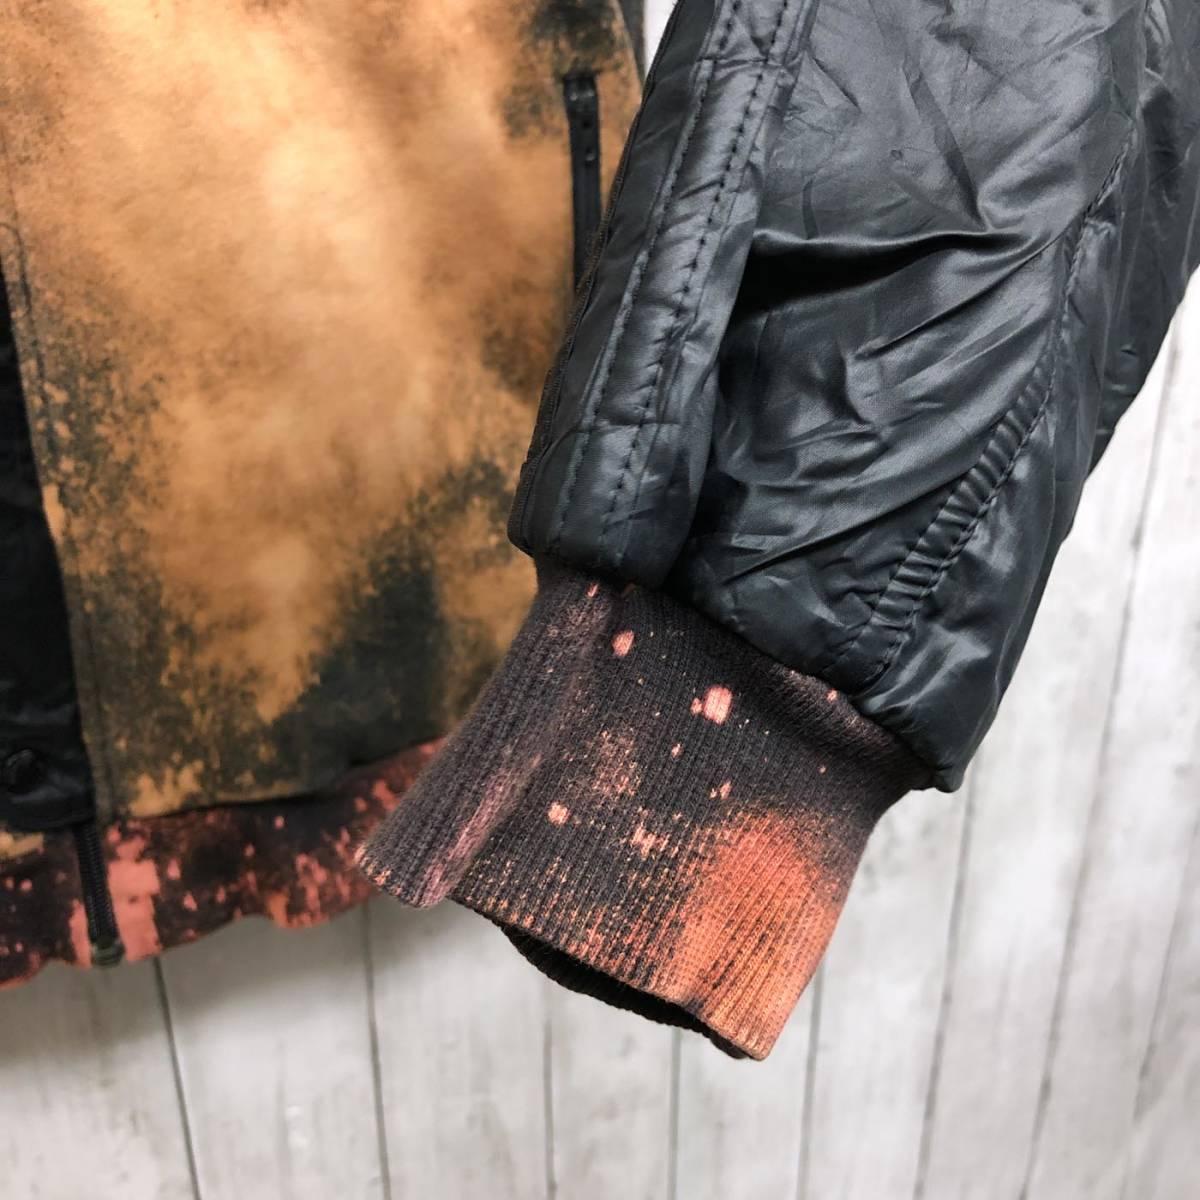 アディダス adidas ジャケット ジャージ スウェット ウィンドブレーカー ダウン 中綿 ブラック MA-1 ブルゾン メンズ Lサイズ 6-29_画像7